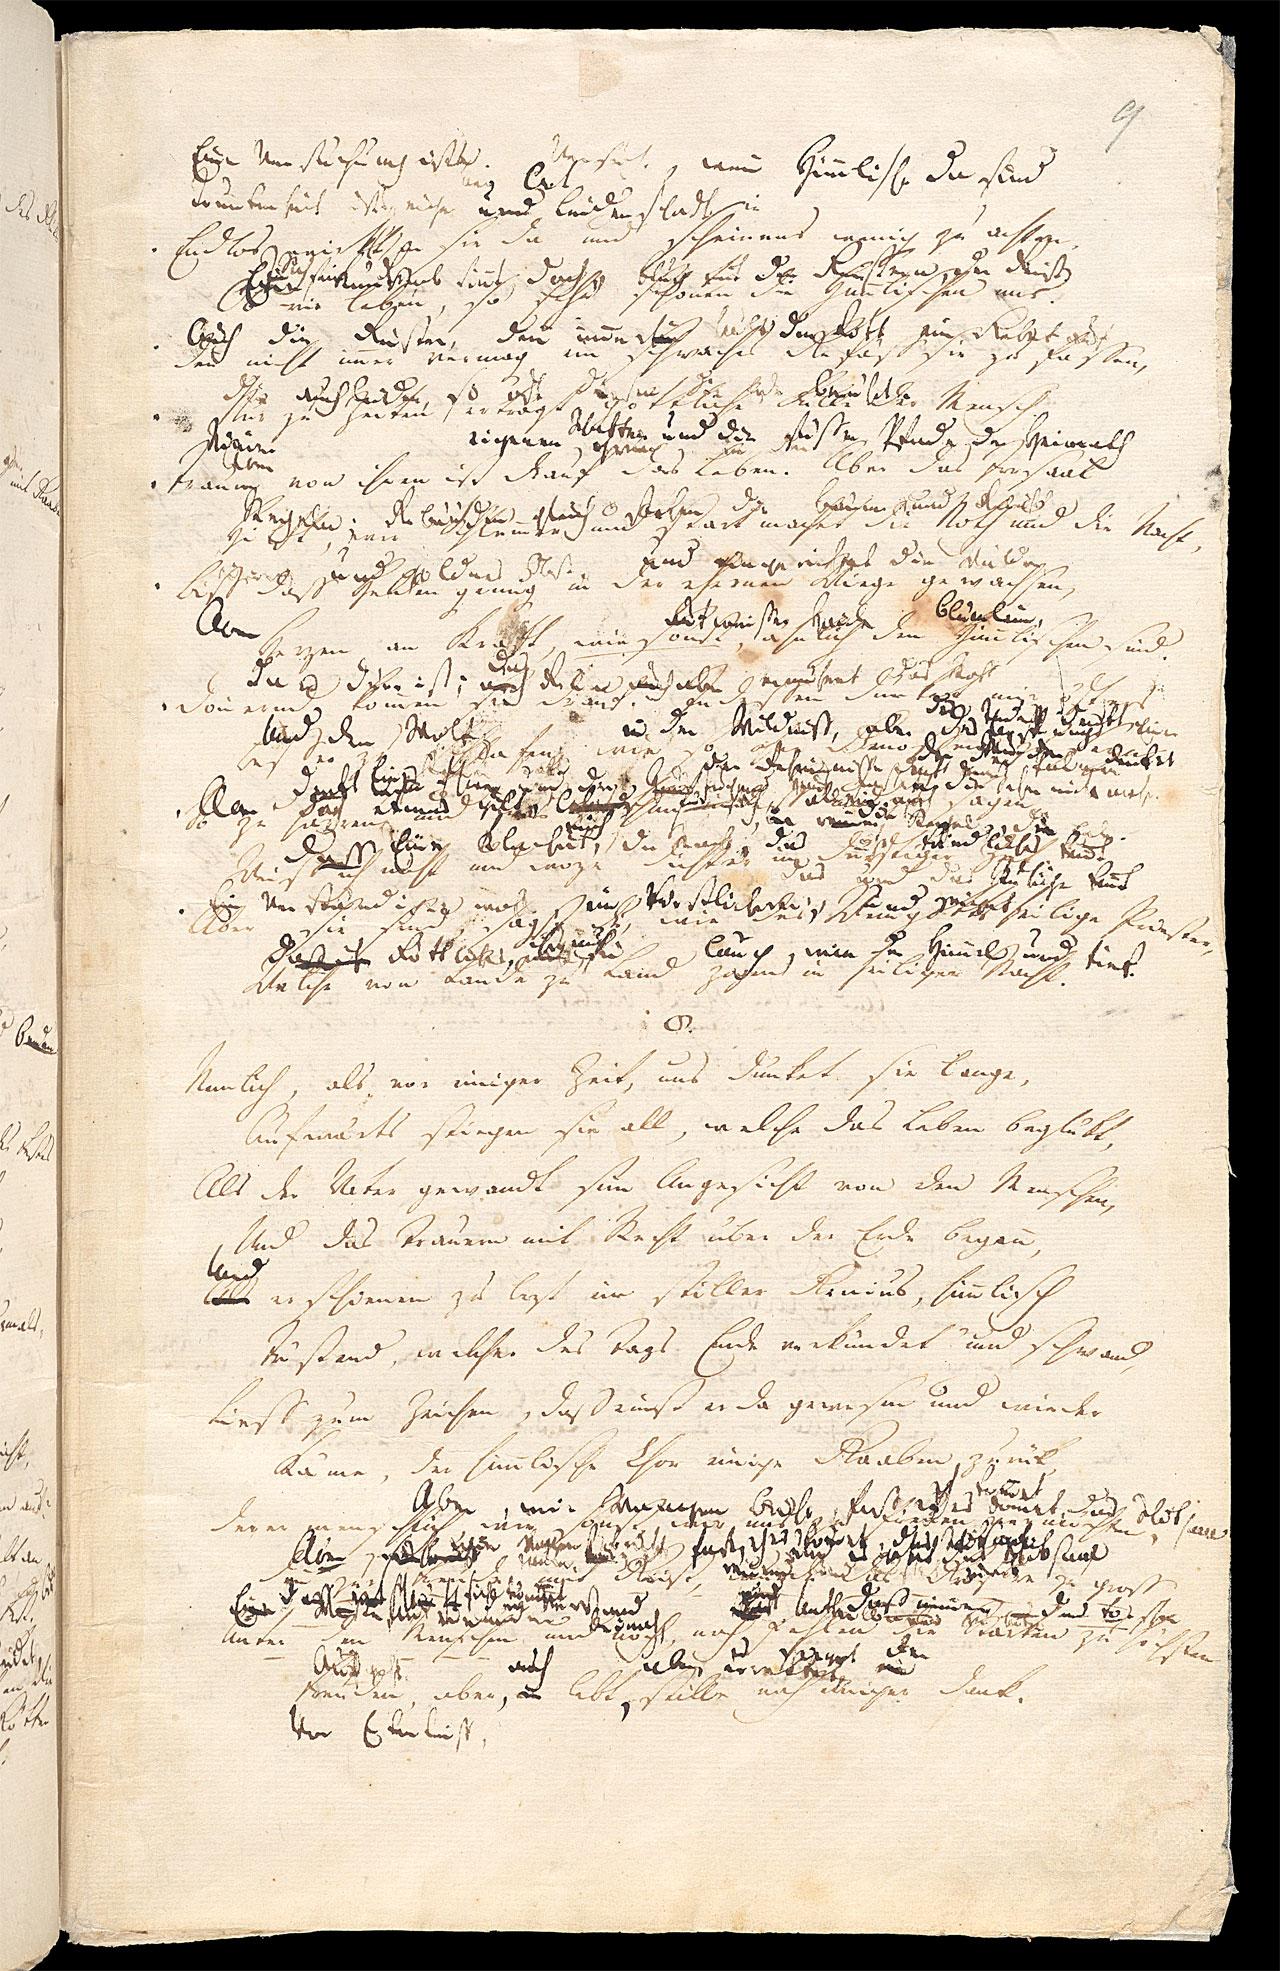 Friedrich Hölderlin, Homburger Folioheft, Seite 9, Brod und Wein, Handschrift